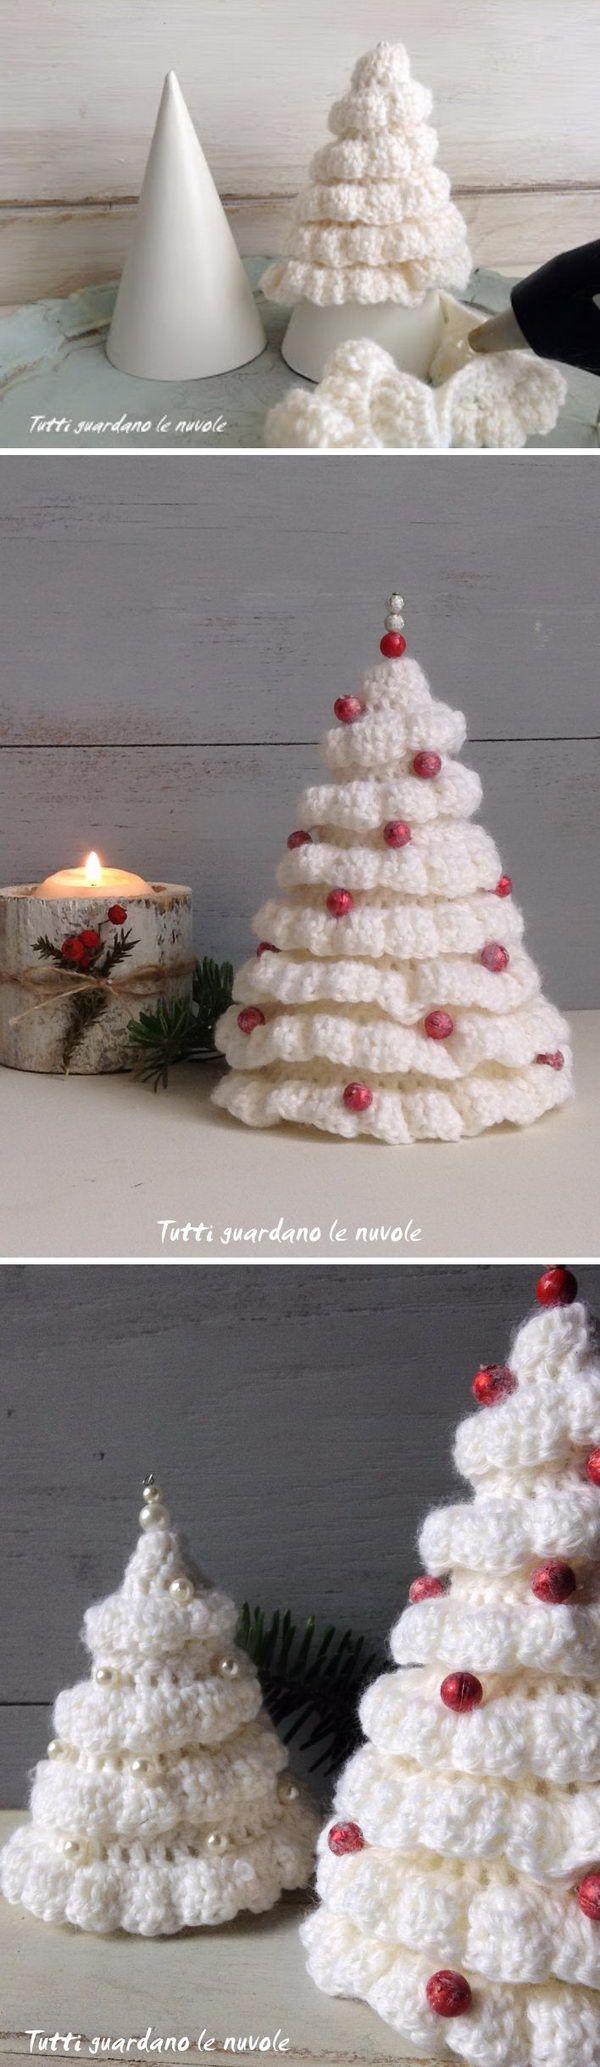 Crochet Christmas Trees Crochet Pinterest Natale Alberi Di